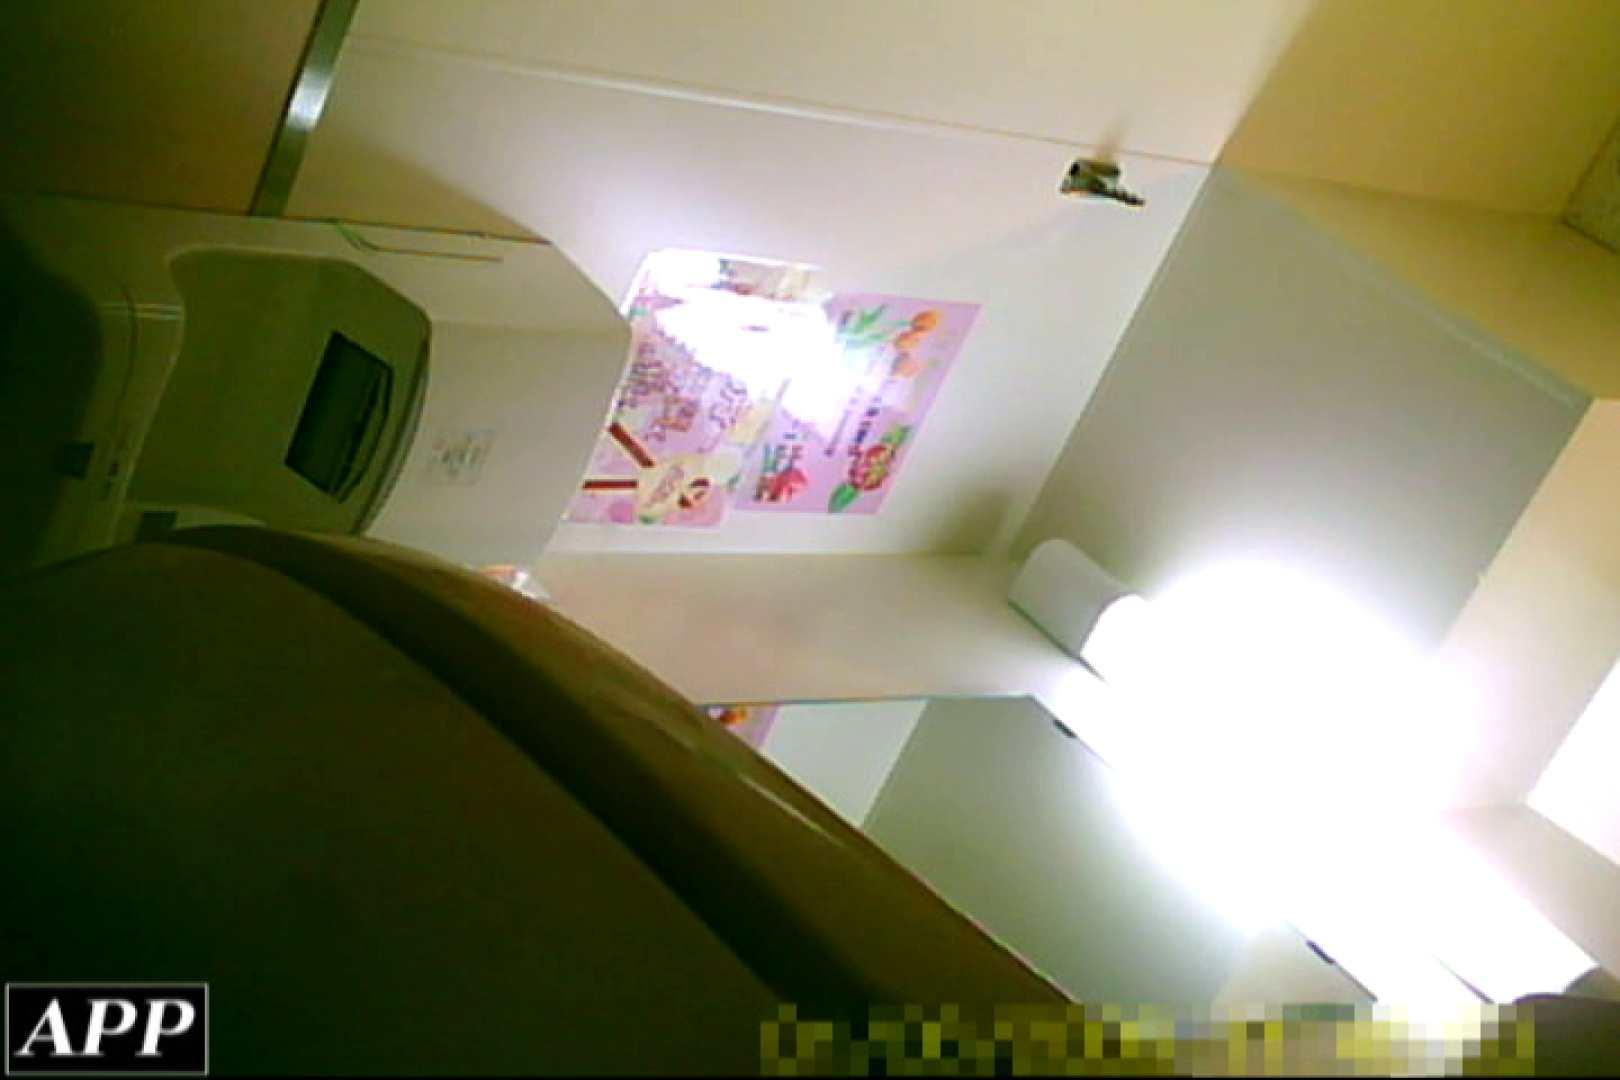 3視点洗面所 vol.138 盗撮特撮 盗み撮り動画キャプチャ 12pic 9